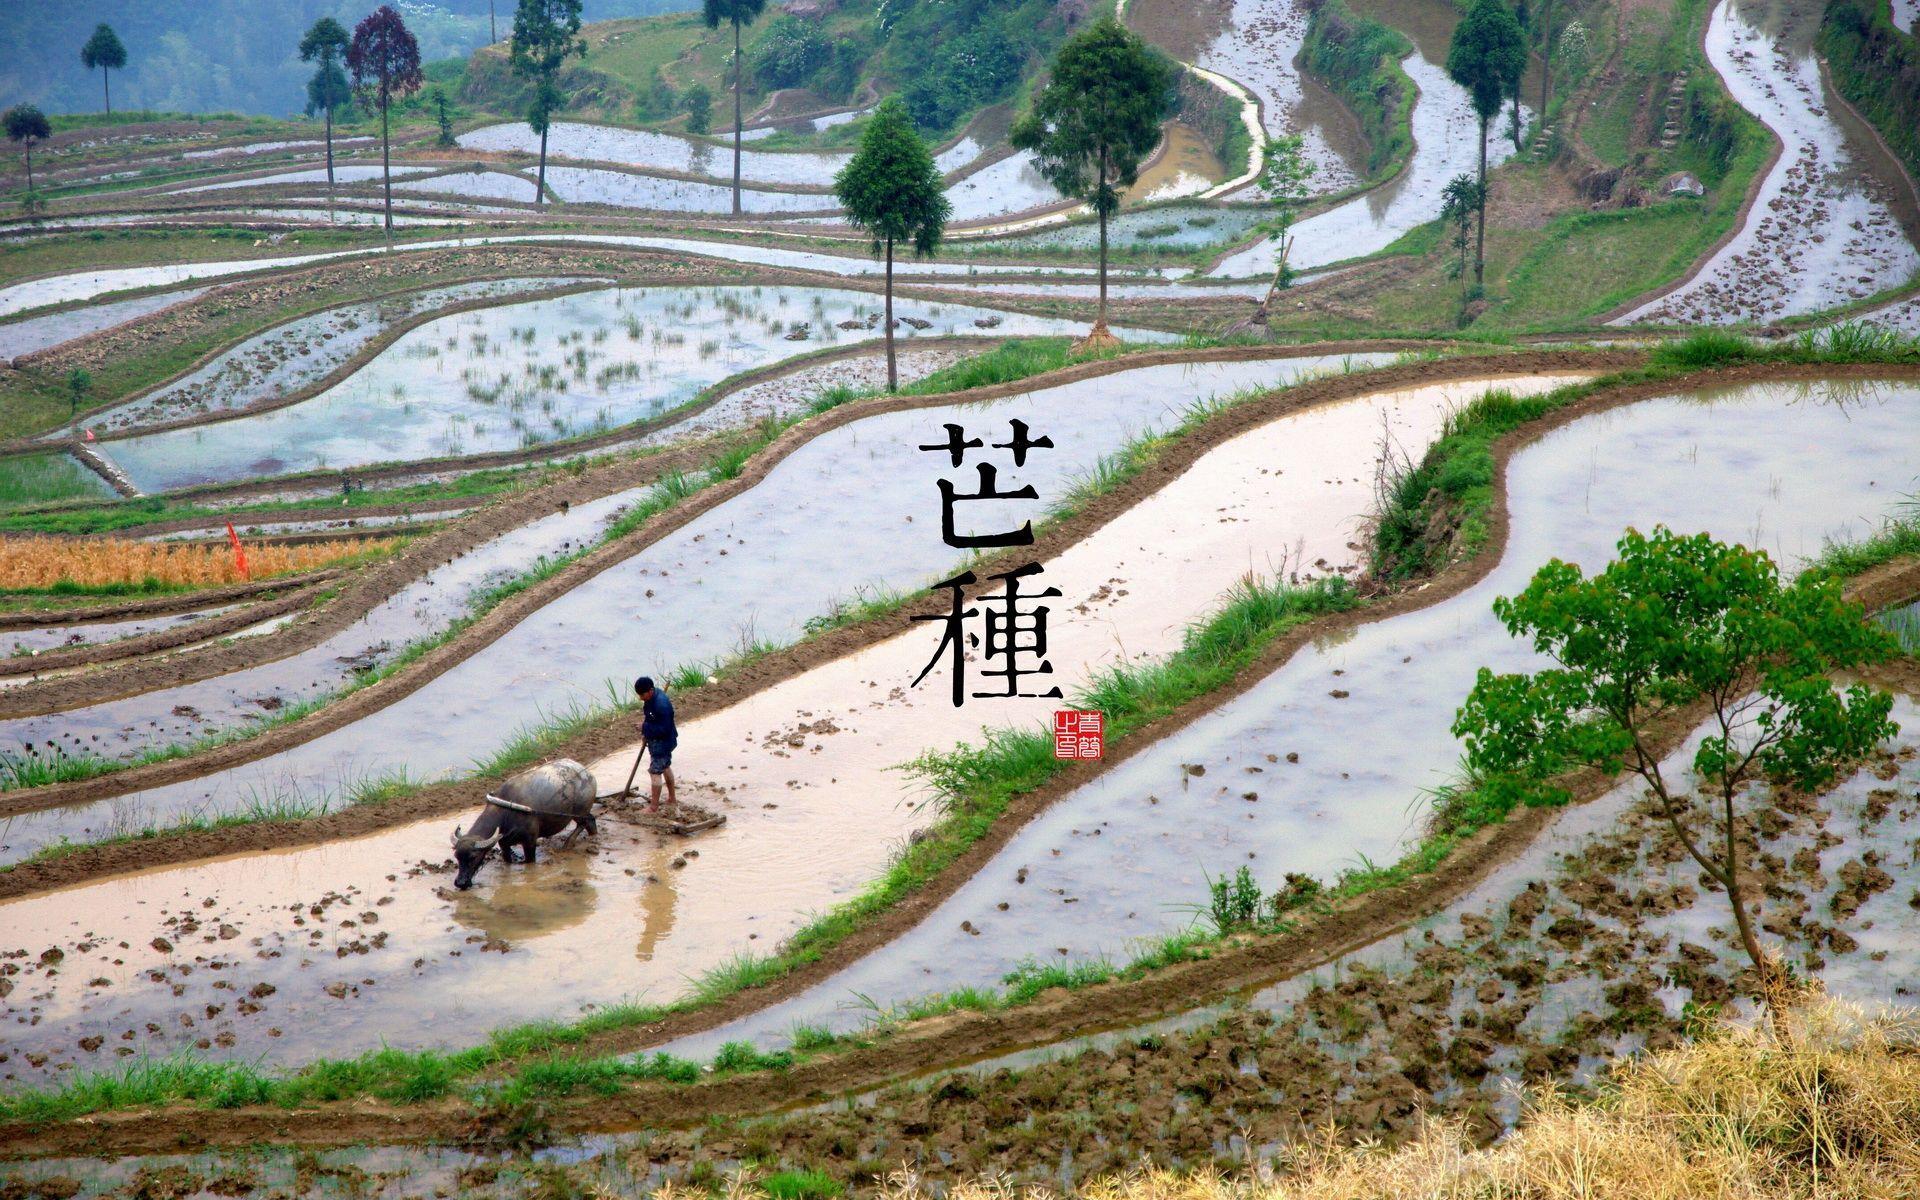 中国图案自然风景二十四节气海报风险古风设a图案模板四色图绘制壁纸图片